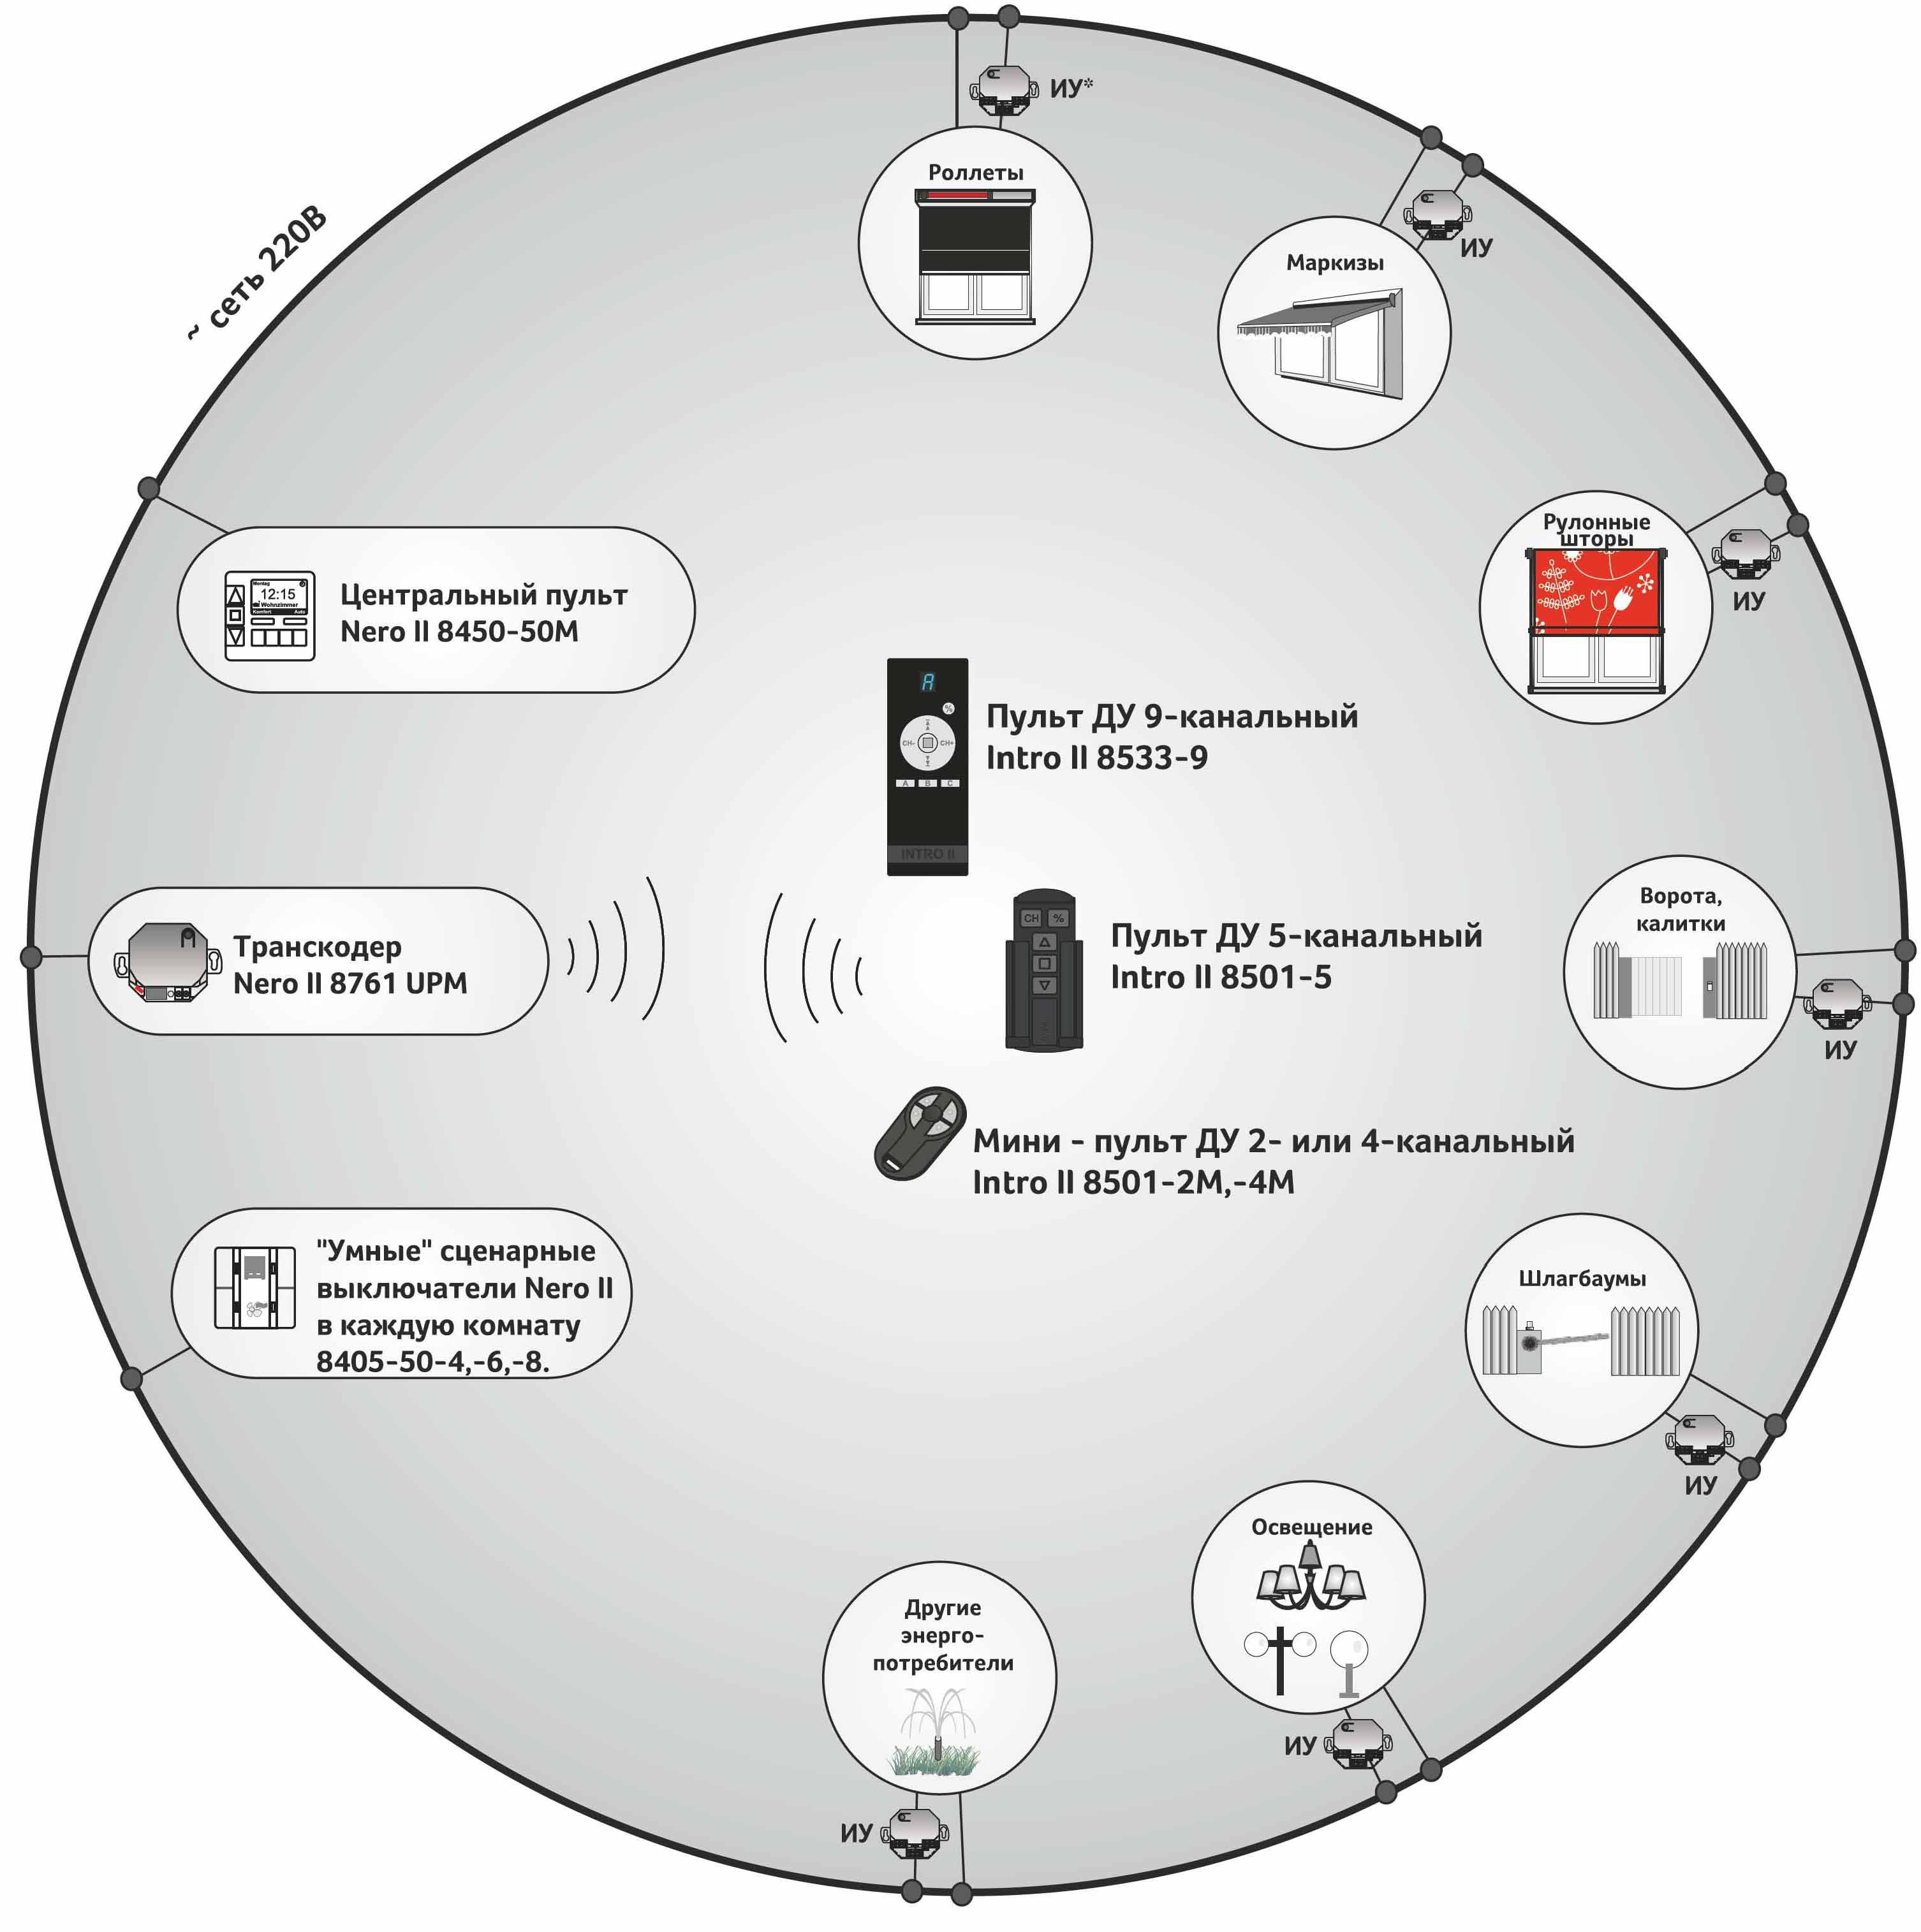 Описание управление роллетами по сети 220